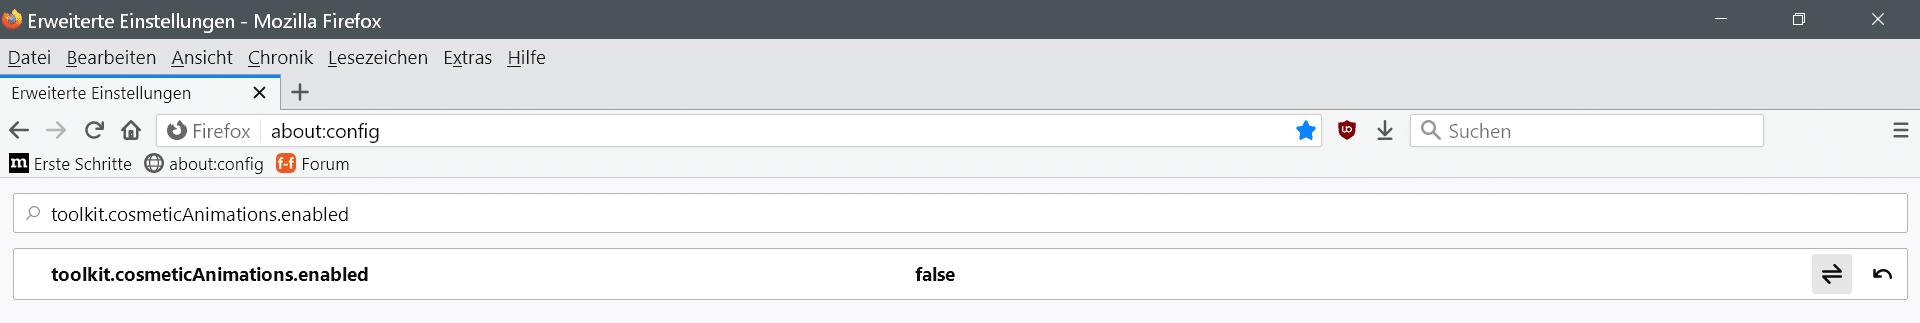 false 2